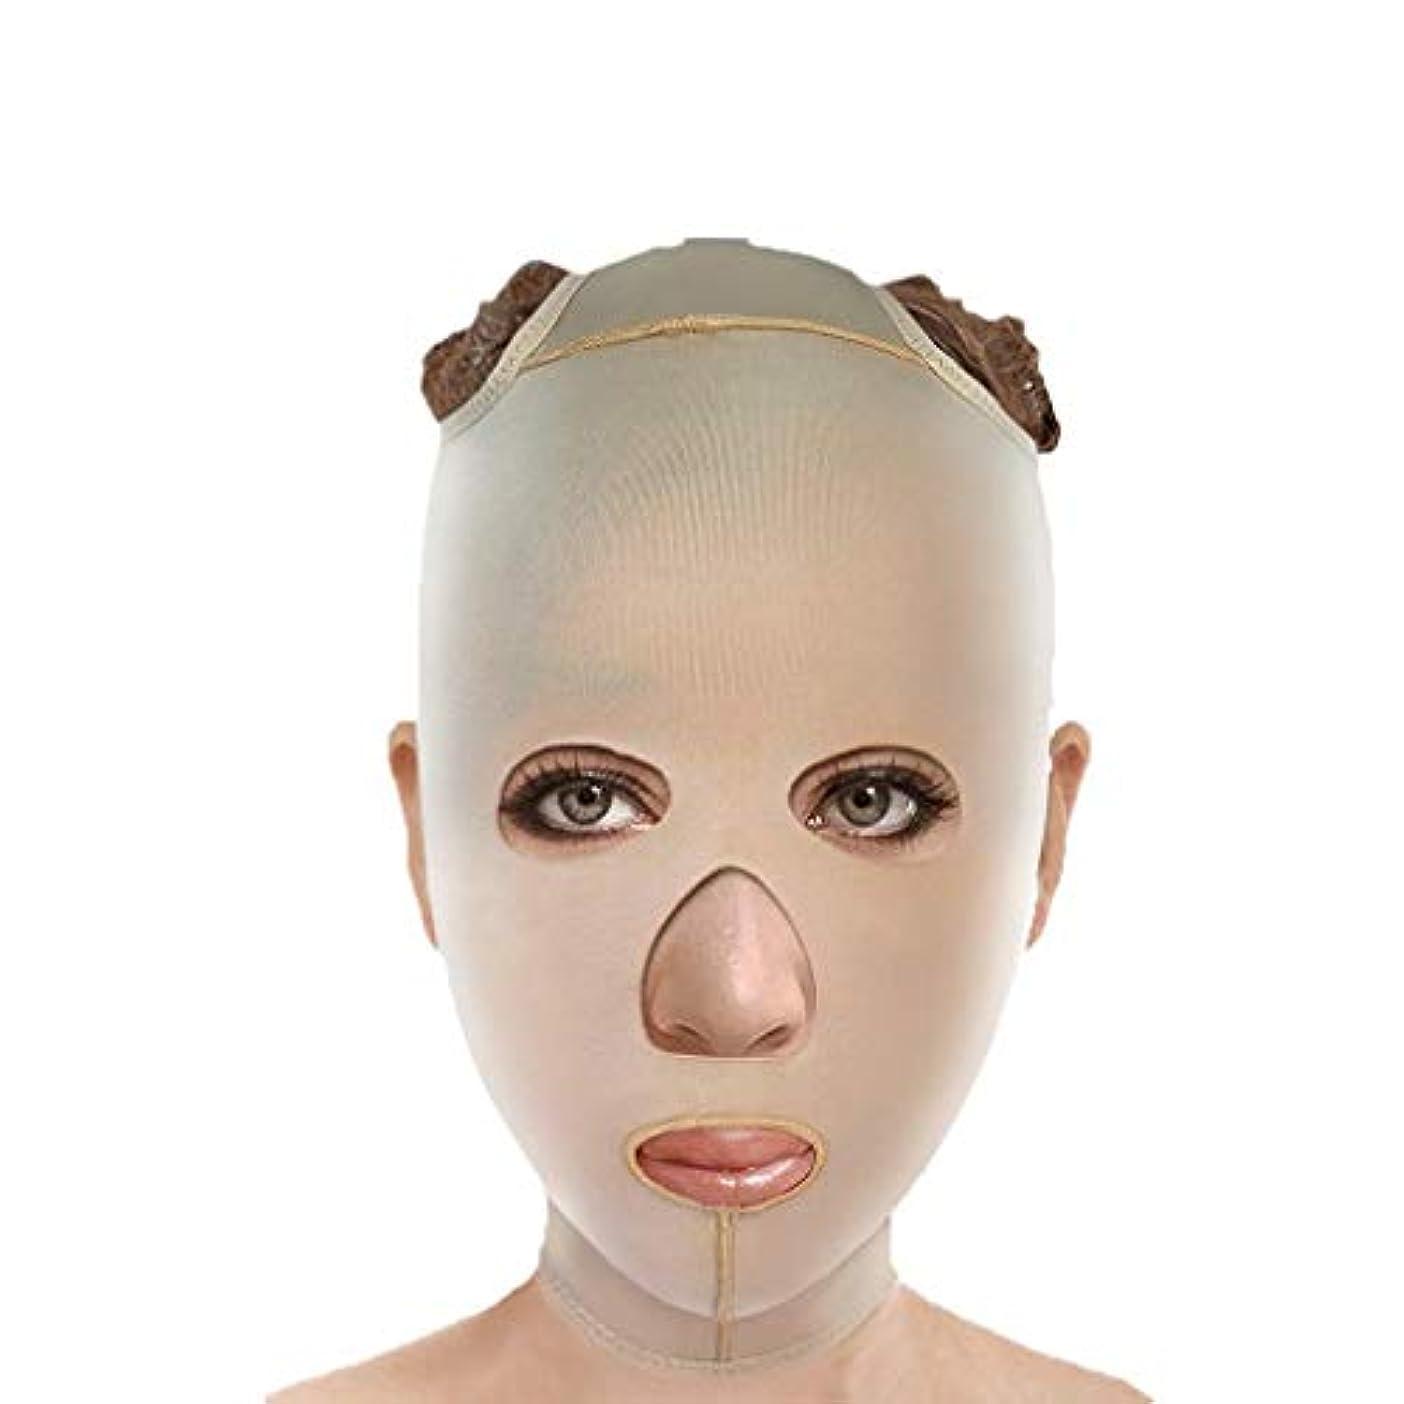 弁護士真実に晴れチンストラップ、フェイスリフティング、アンチエイジングフェイシャル包帯、フェイシャル減量マスク、ファーミングマスク、フェイシャルリフティングアーティファクト(サイズ:S),S